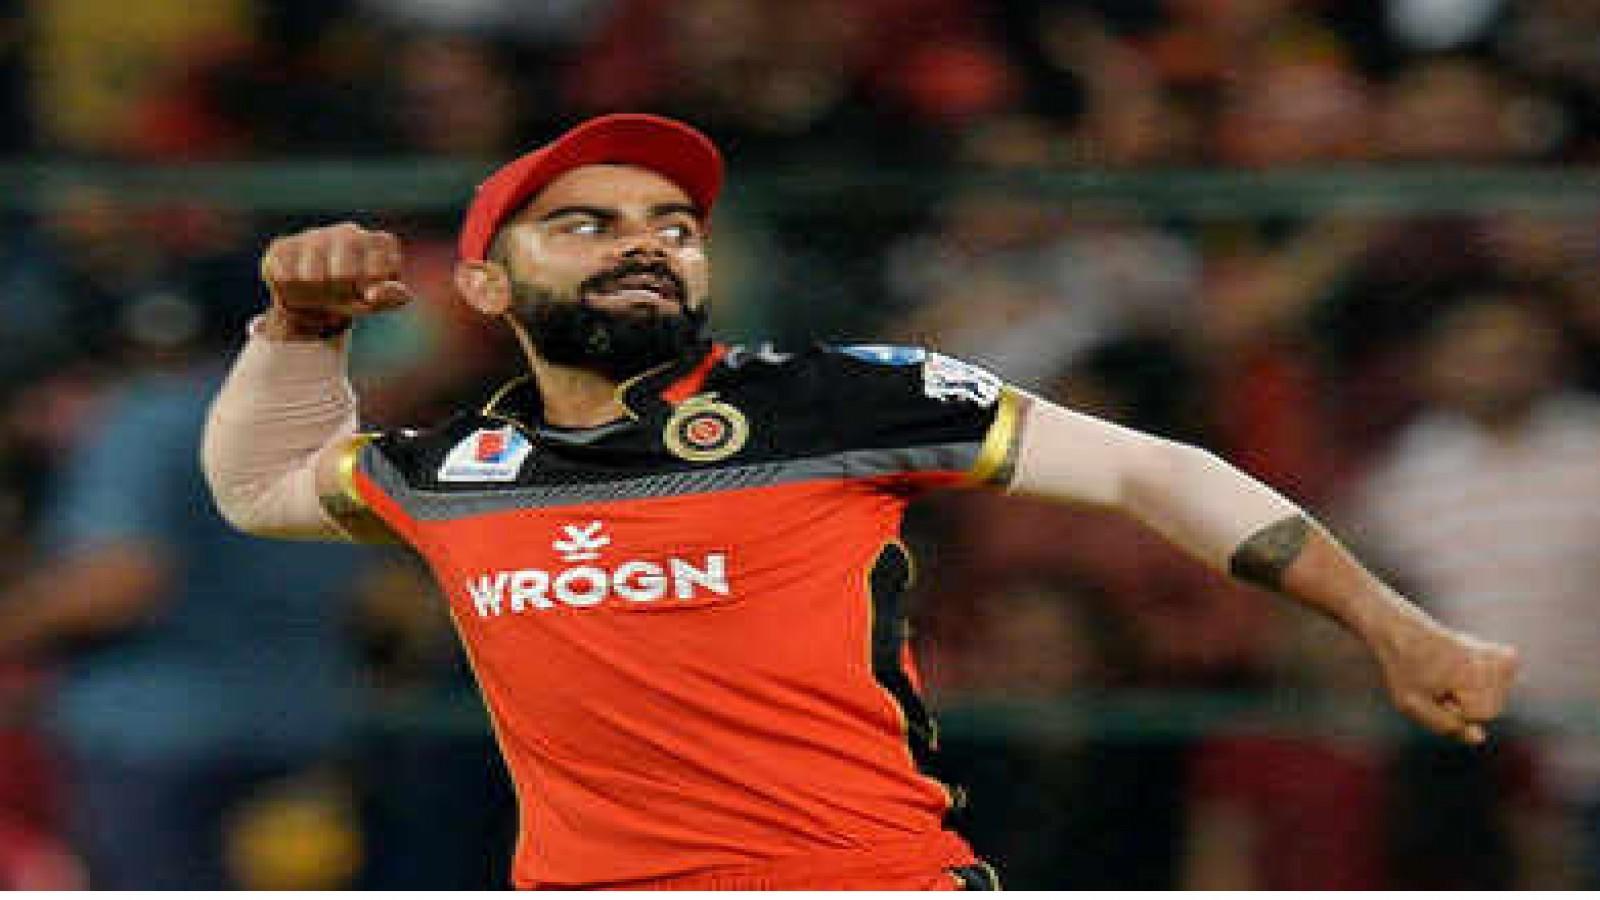 ipl-2019-did-virat-kohli-taunt-ashwin-during-their-bangalore-match